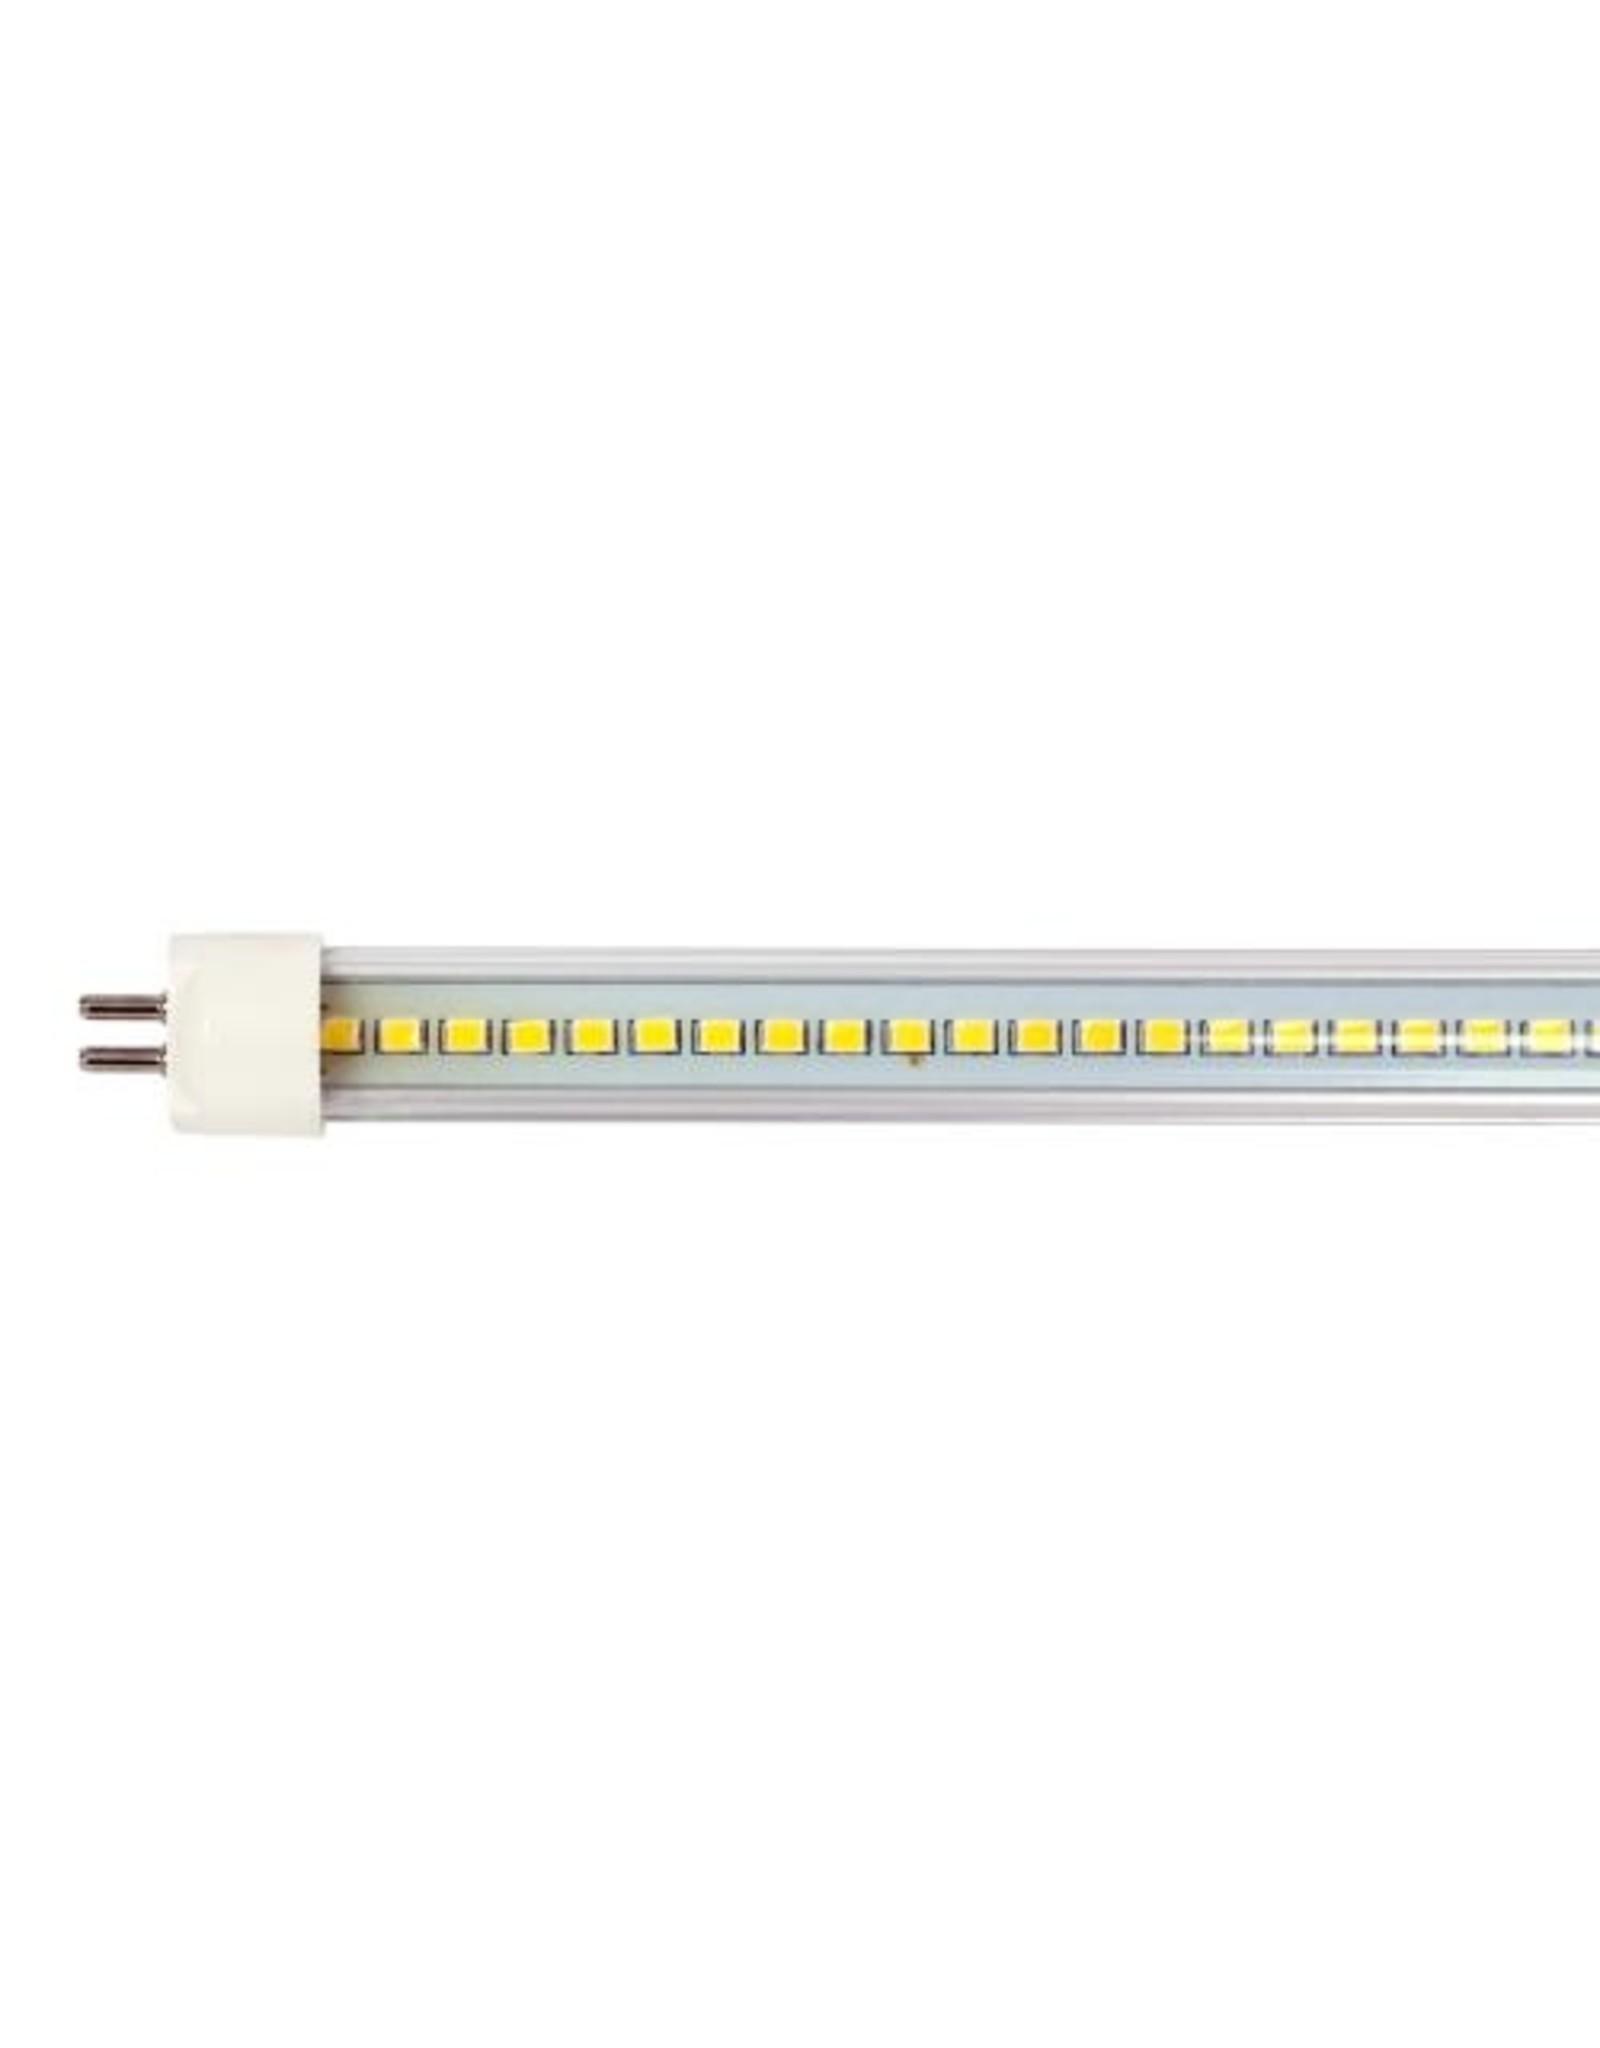 AgroLED iSunlight T5 White 5500 K LED Lamp - 2 ft / 21 Watt